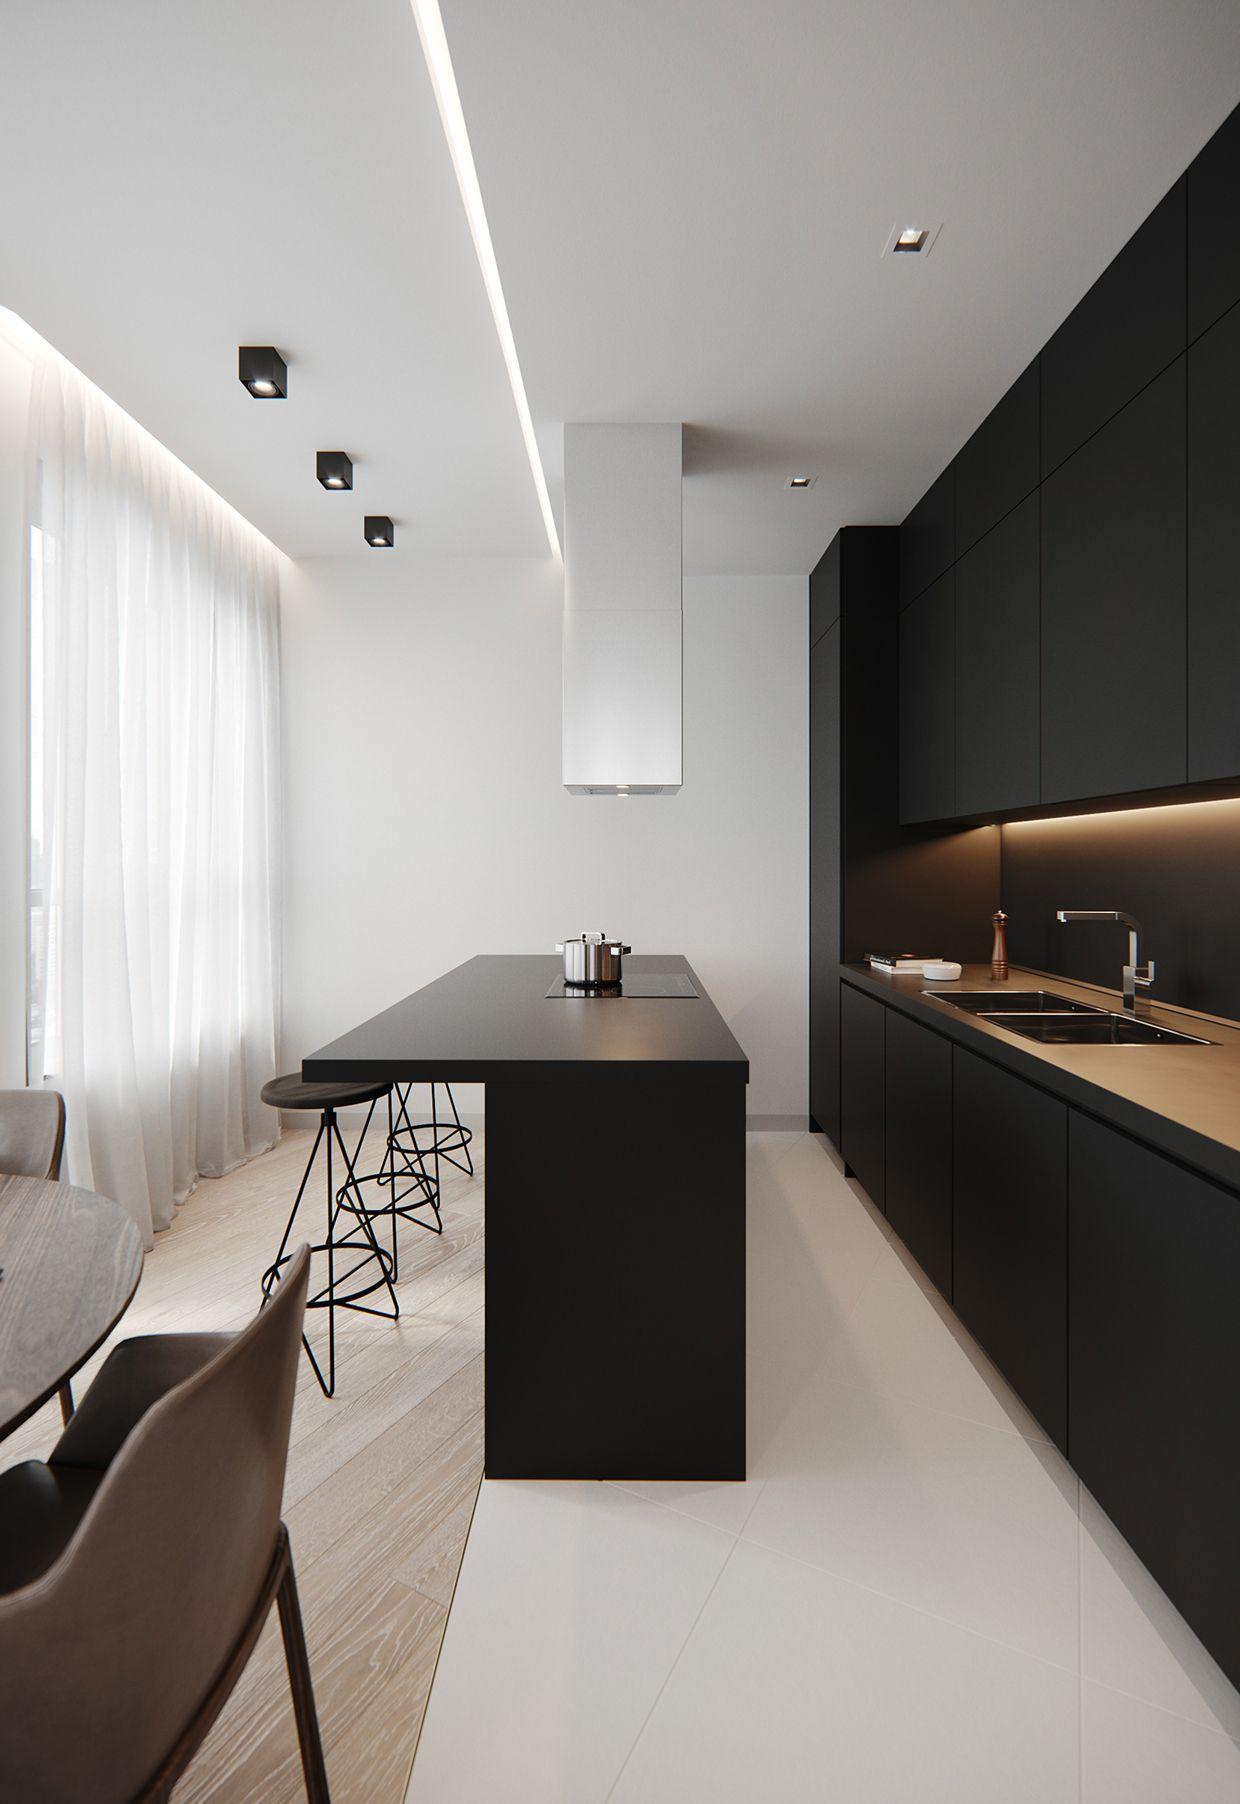 kitchen black  Ideen für moderne Küchen  Pinterest  Kitchen